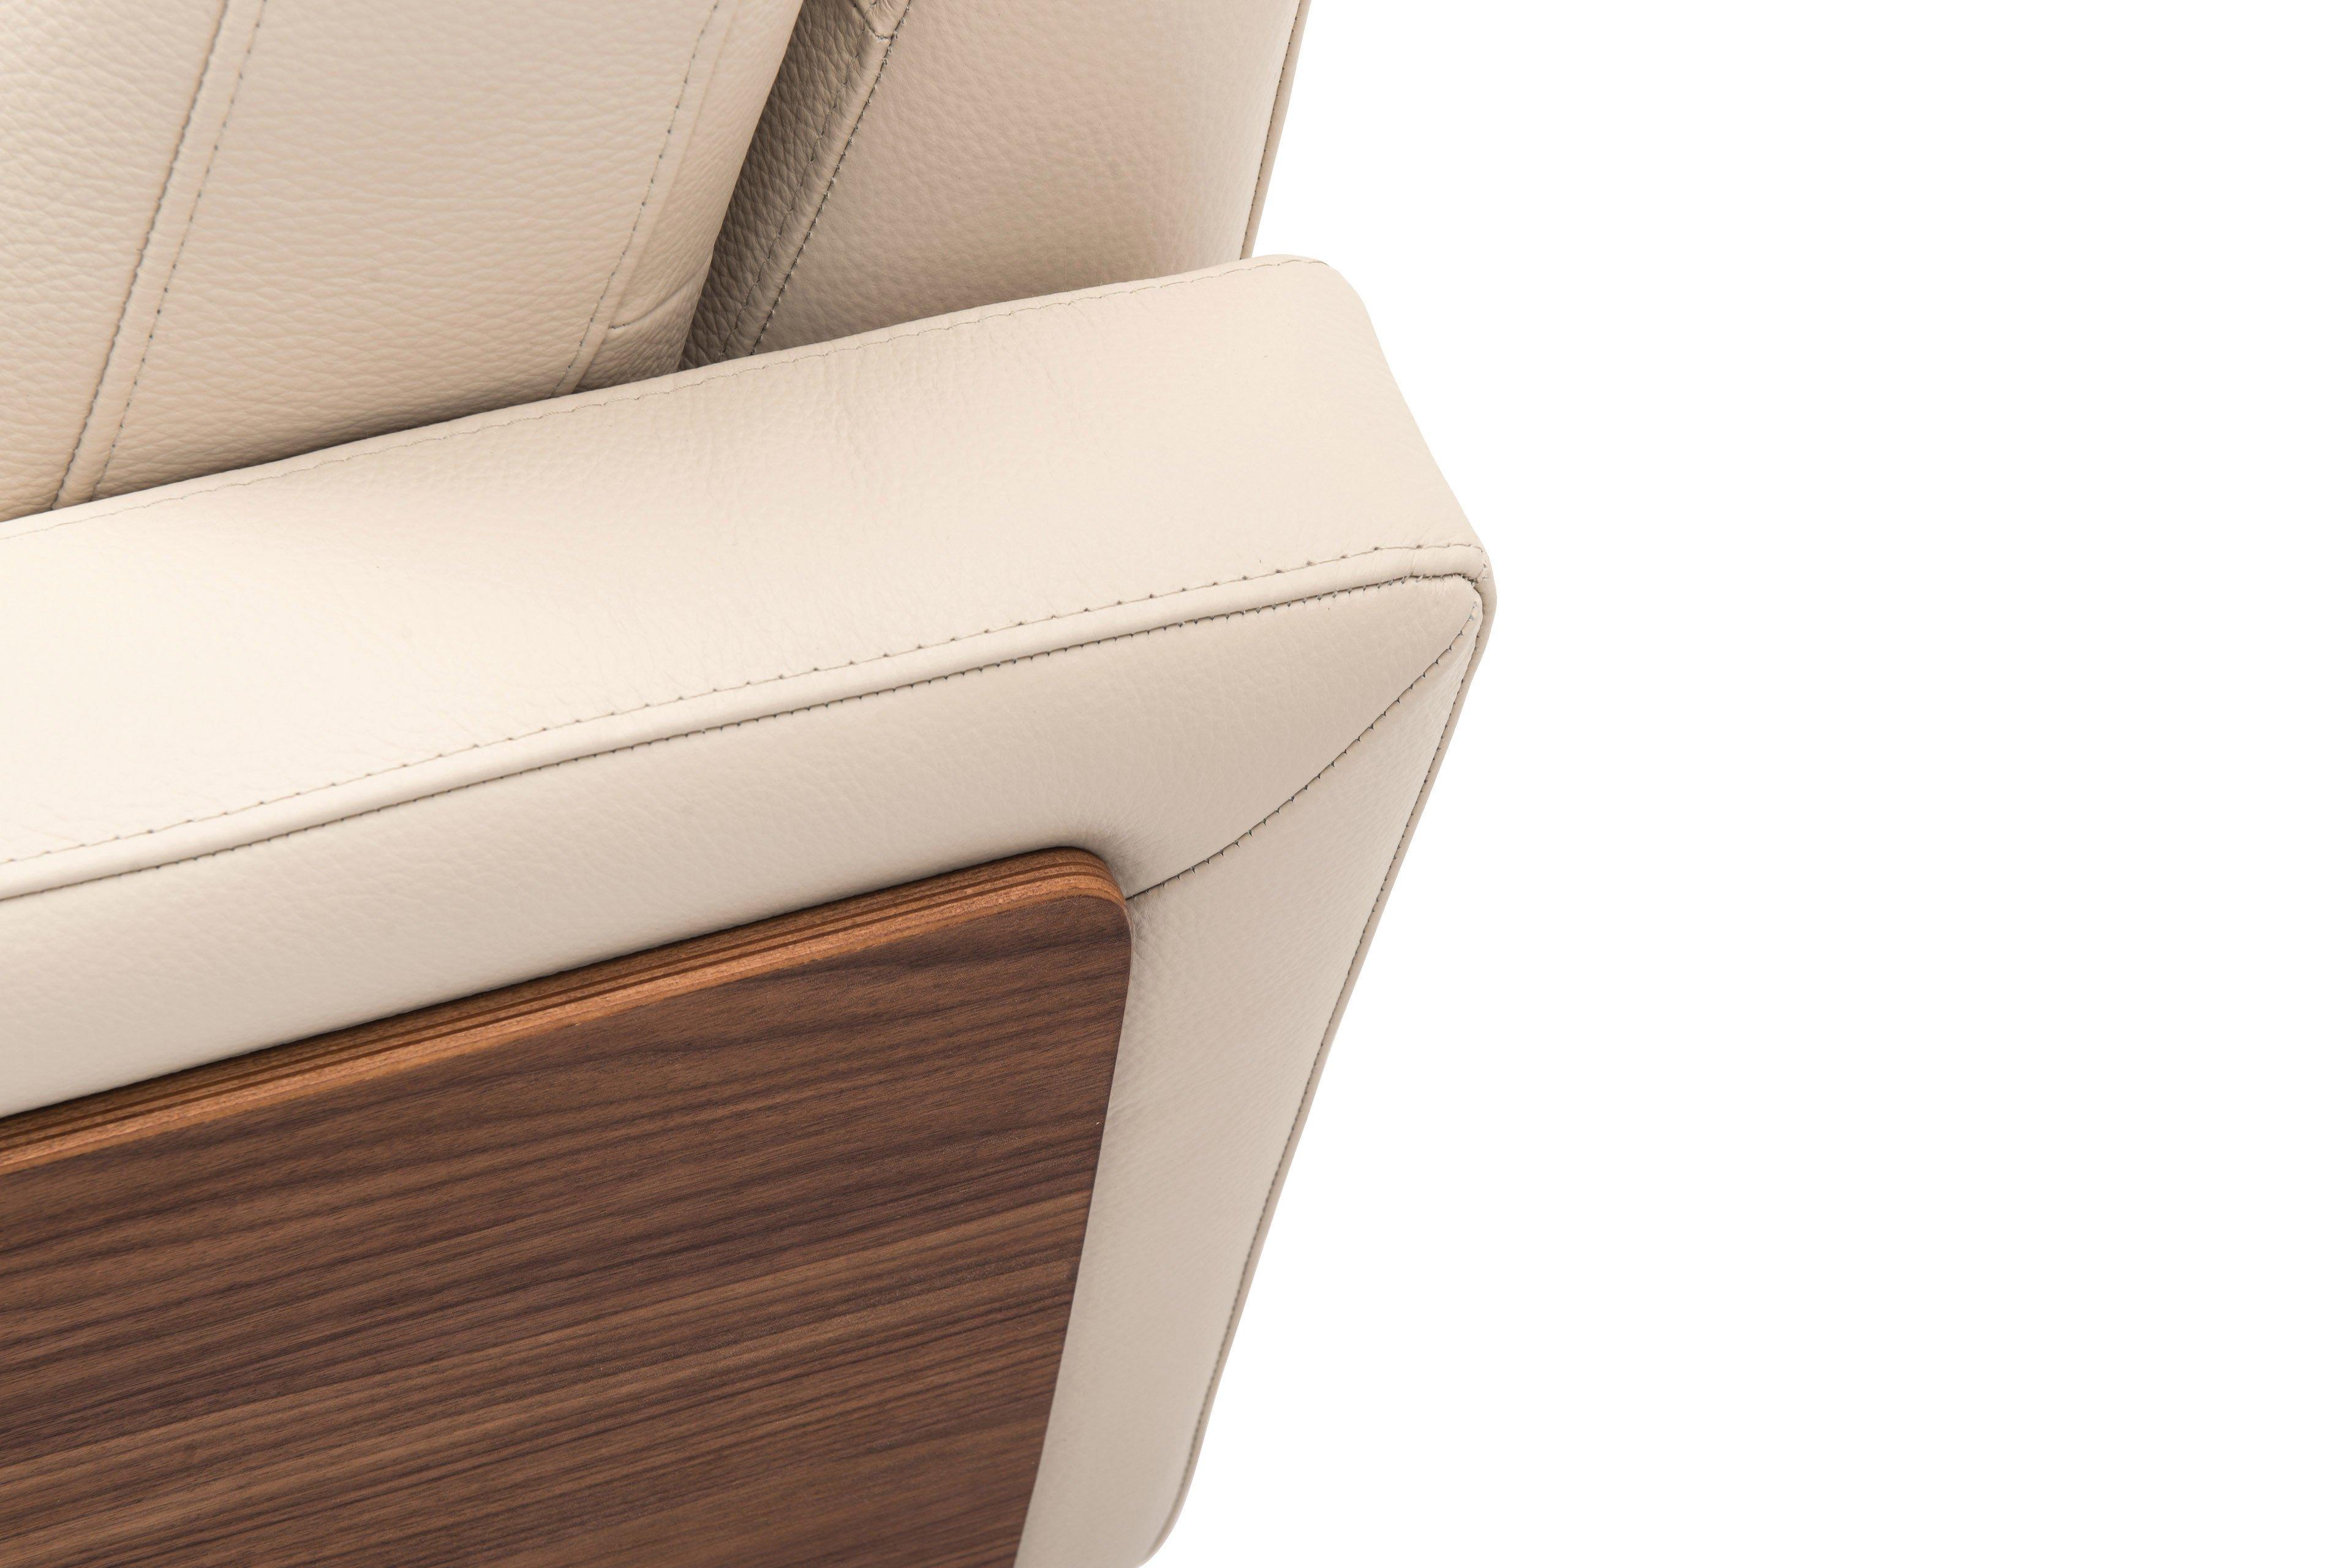 skandinavische m bel freya design sofa in creme wei. Black Bedroom Furniture Sets. Home Design Ideas